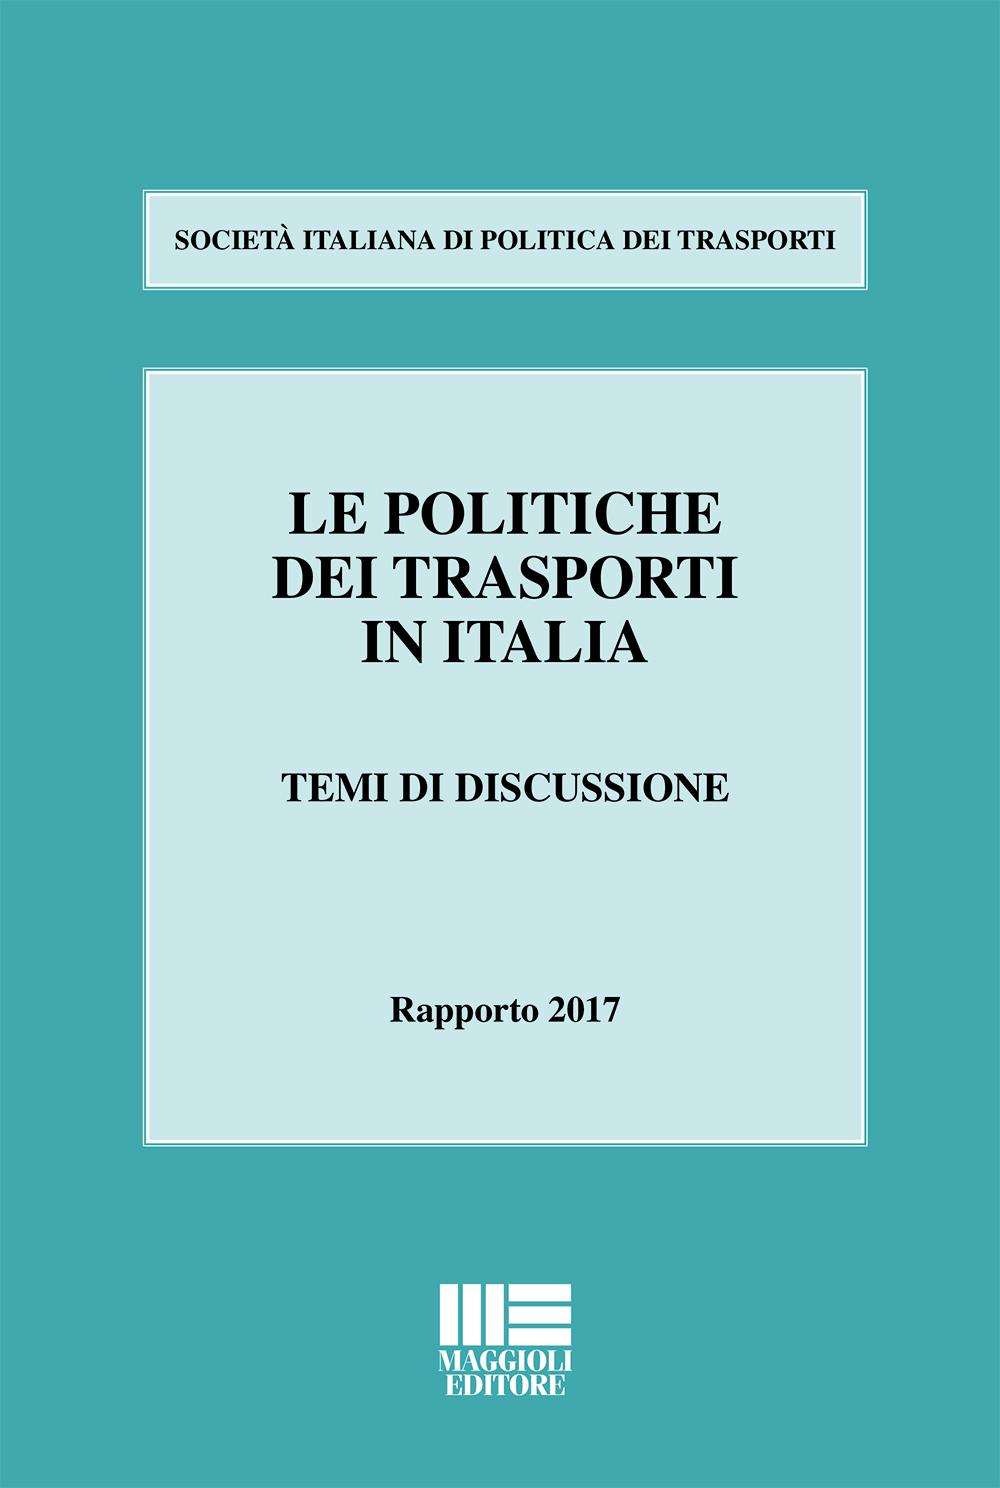 LE POLITICHE DEI TRASPORTI IN ITALIA